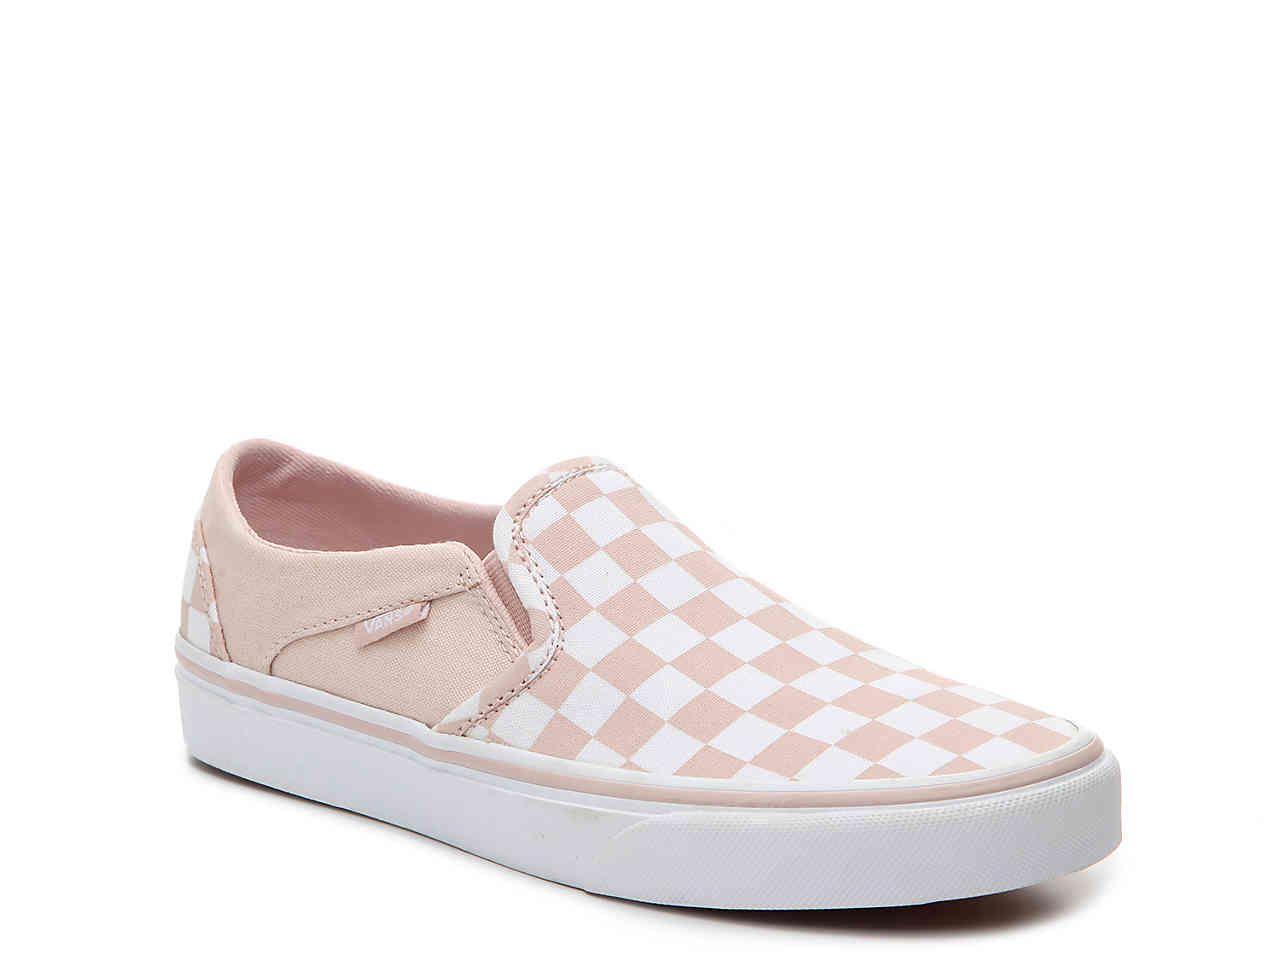 2578f5d902 Asher Checkered Slip-On Sneaker - Women s light pink white